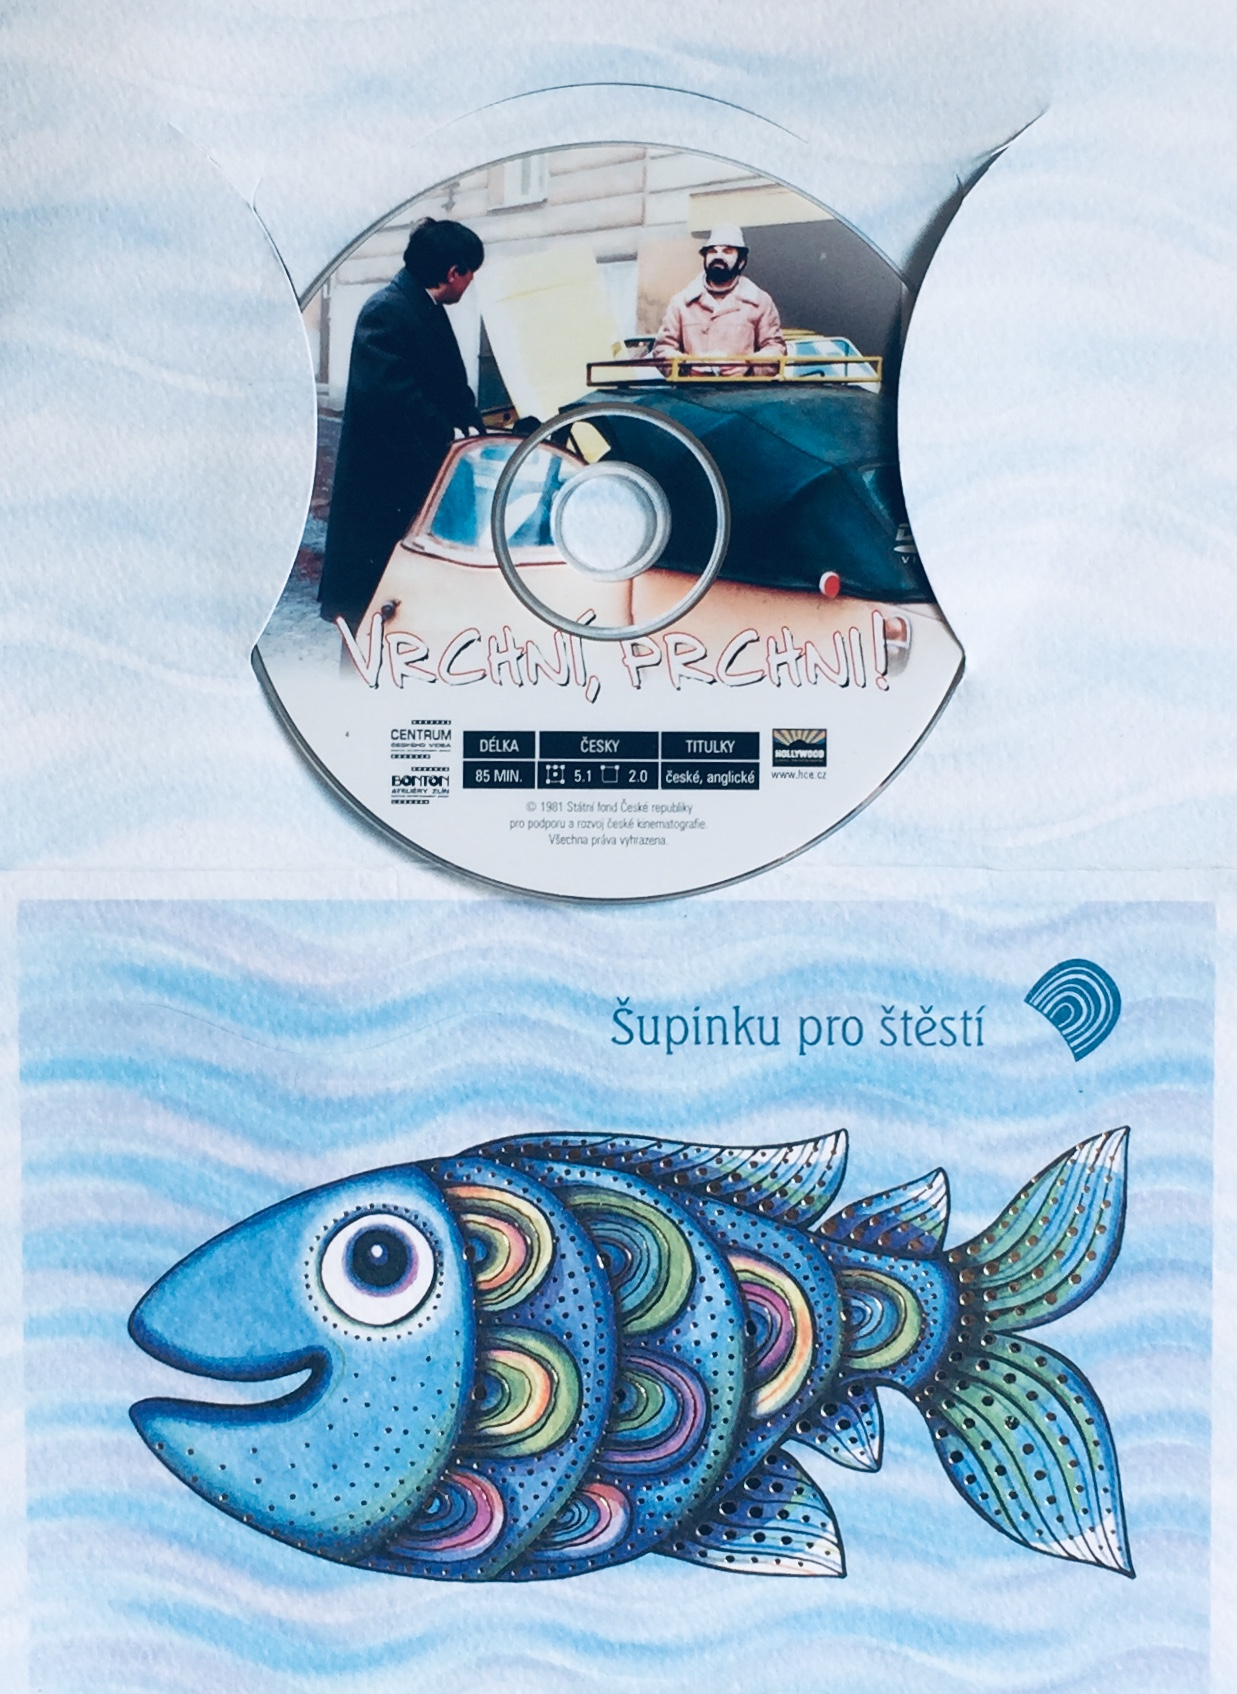 Vrchní, prchni - DVD /dárkový obal/